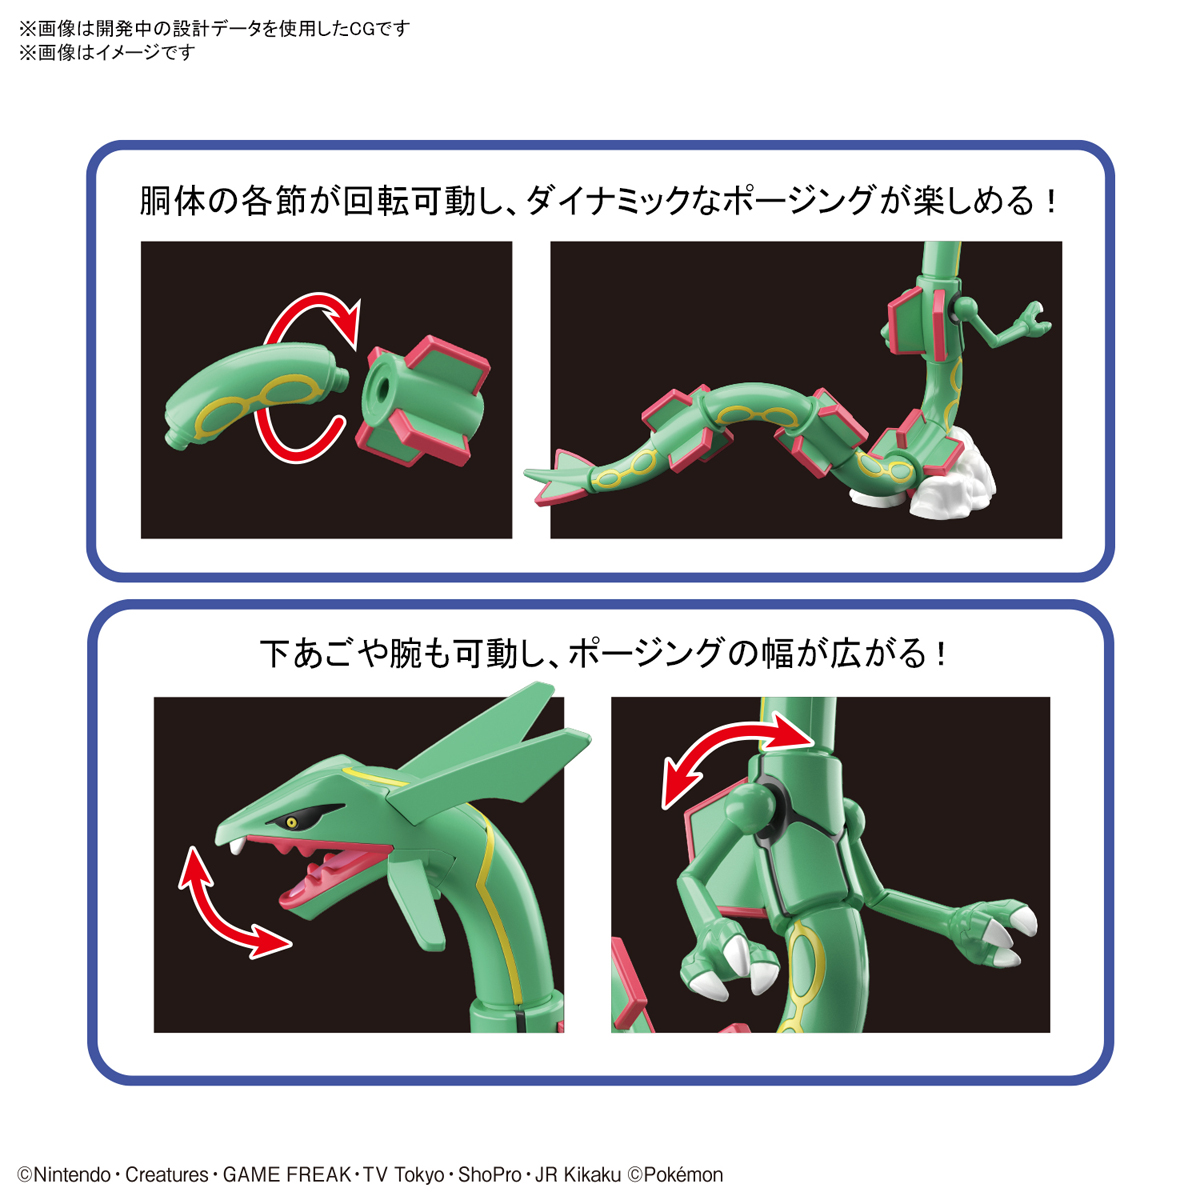 ポケモンプラモコレクション 46 セレクトシリーズ『レックウザ』プラモデル-004